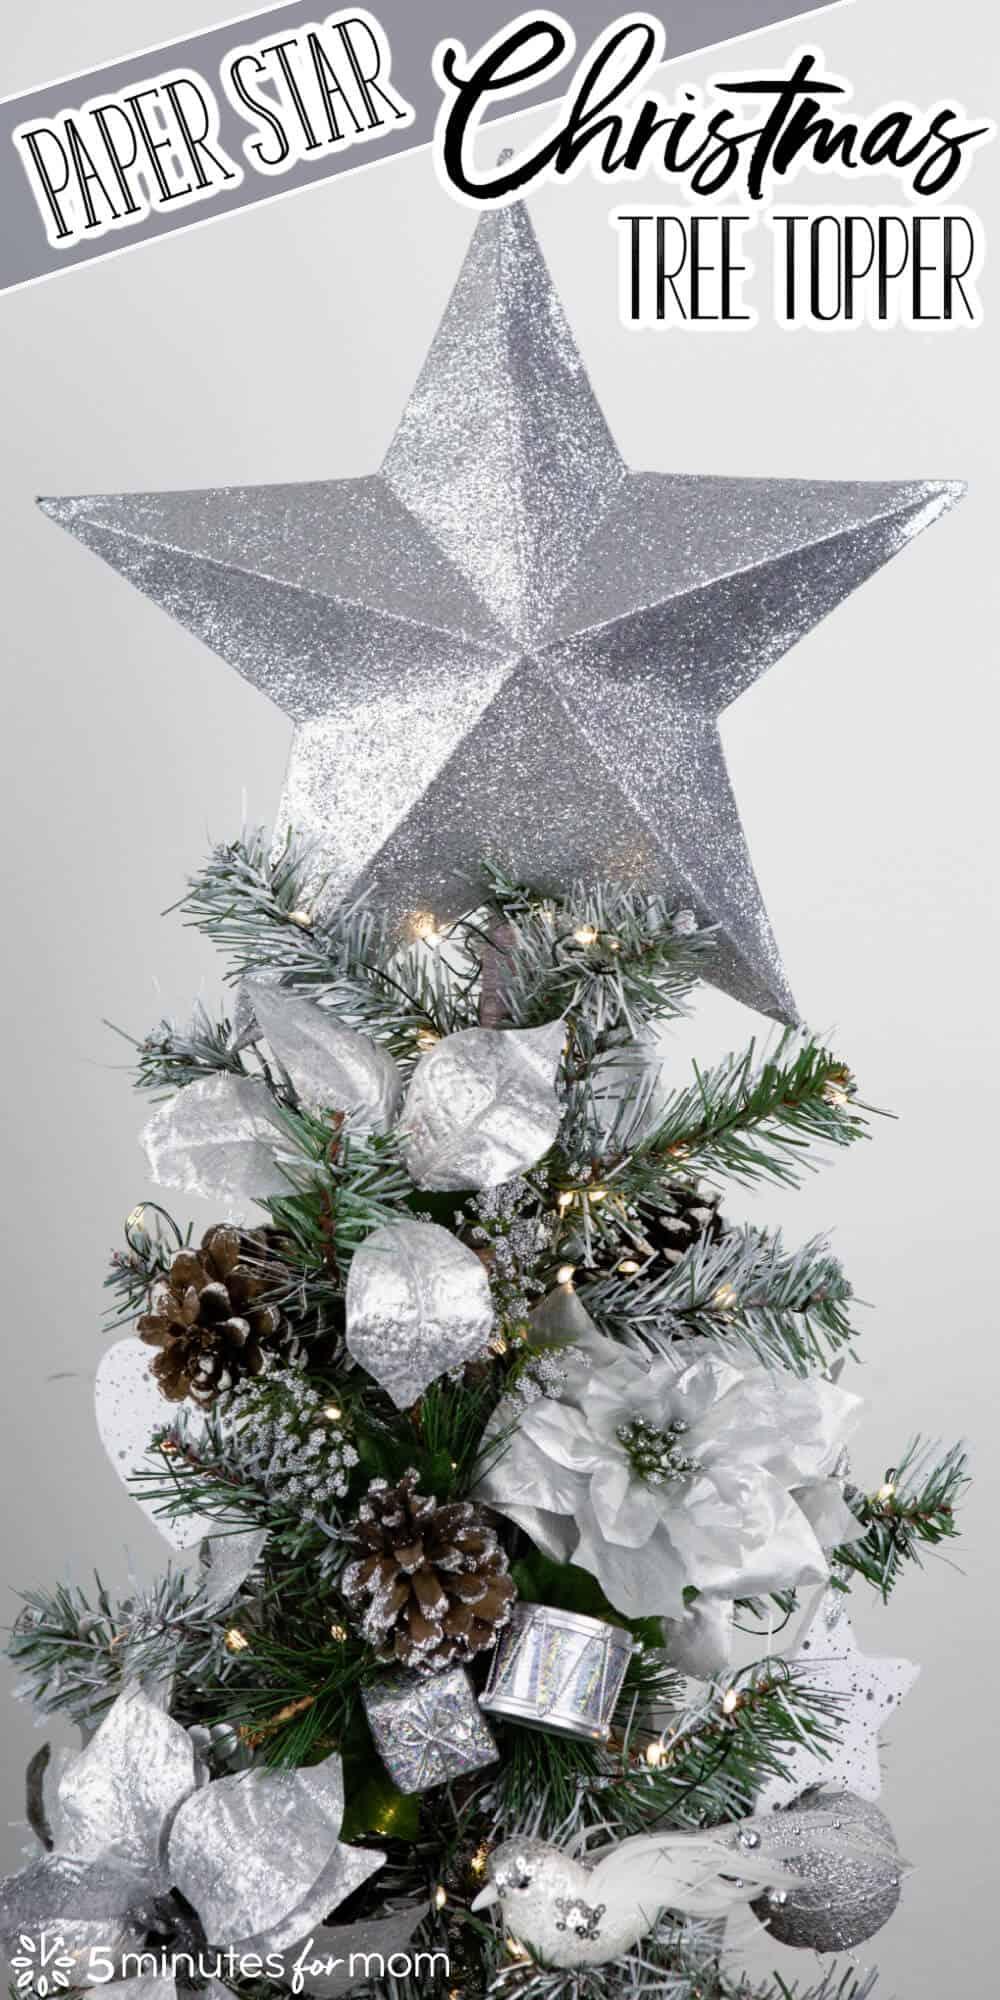 DIY Paper Start Christmas Tree Topper